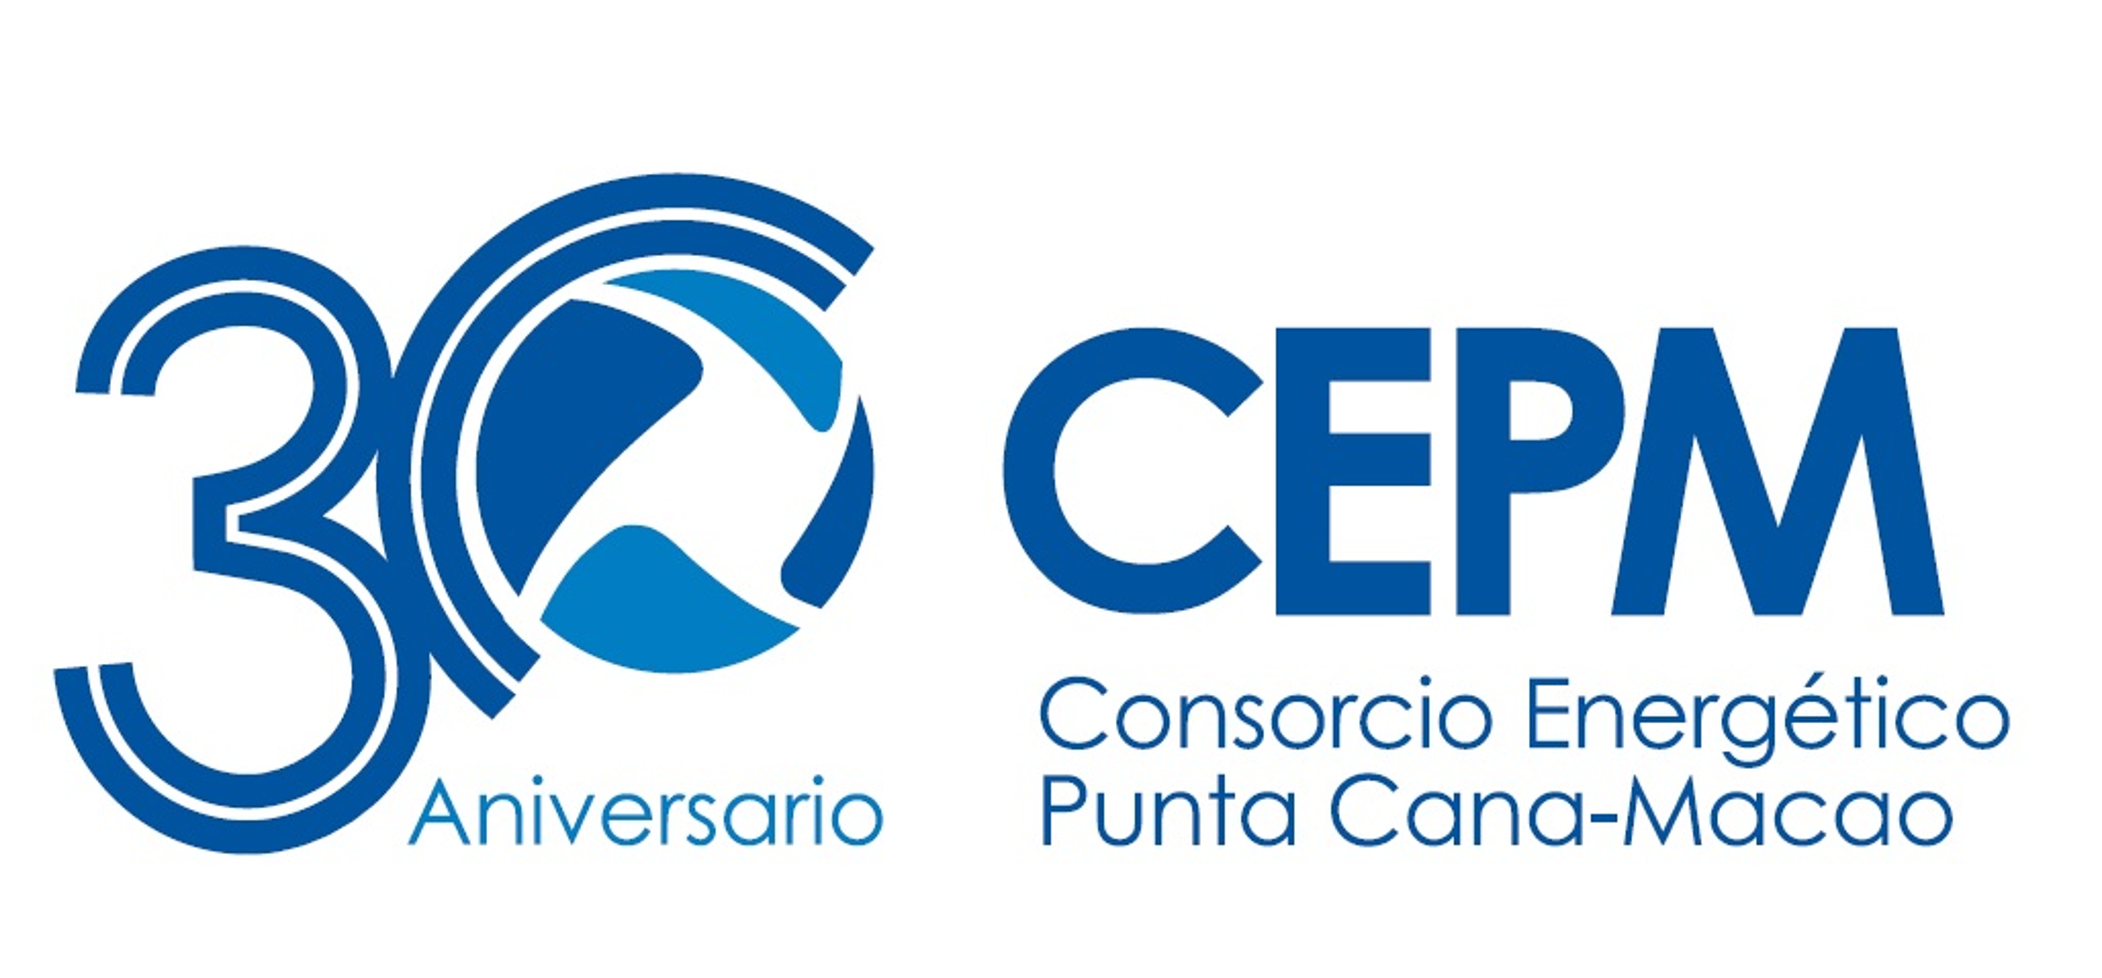 Consorcio Energético Punta Cana Macao (CEPM) logo